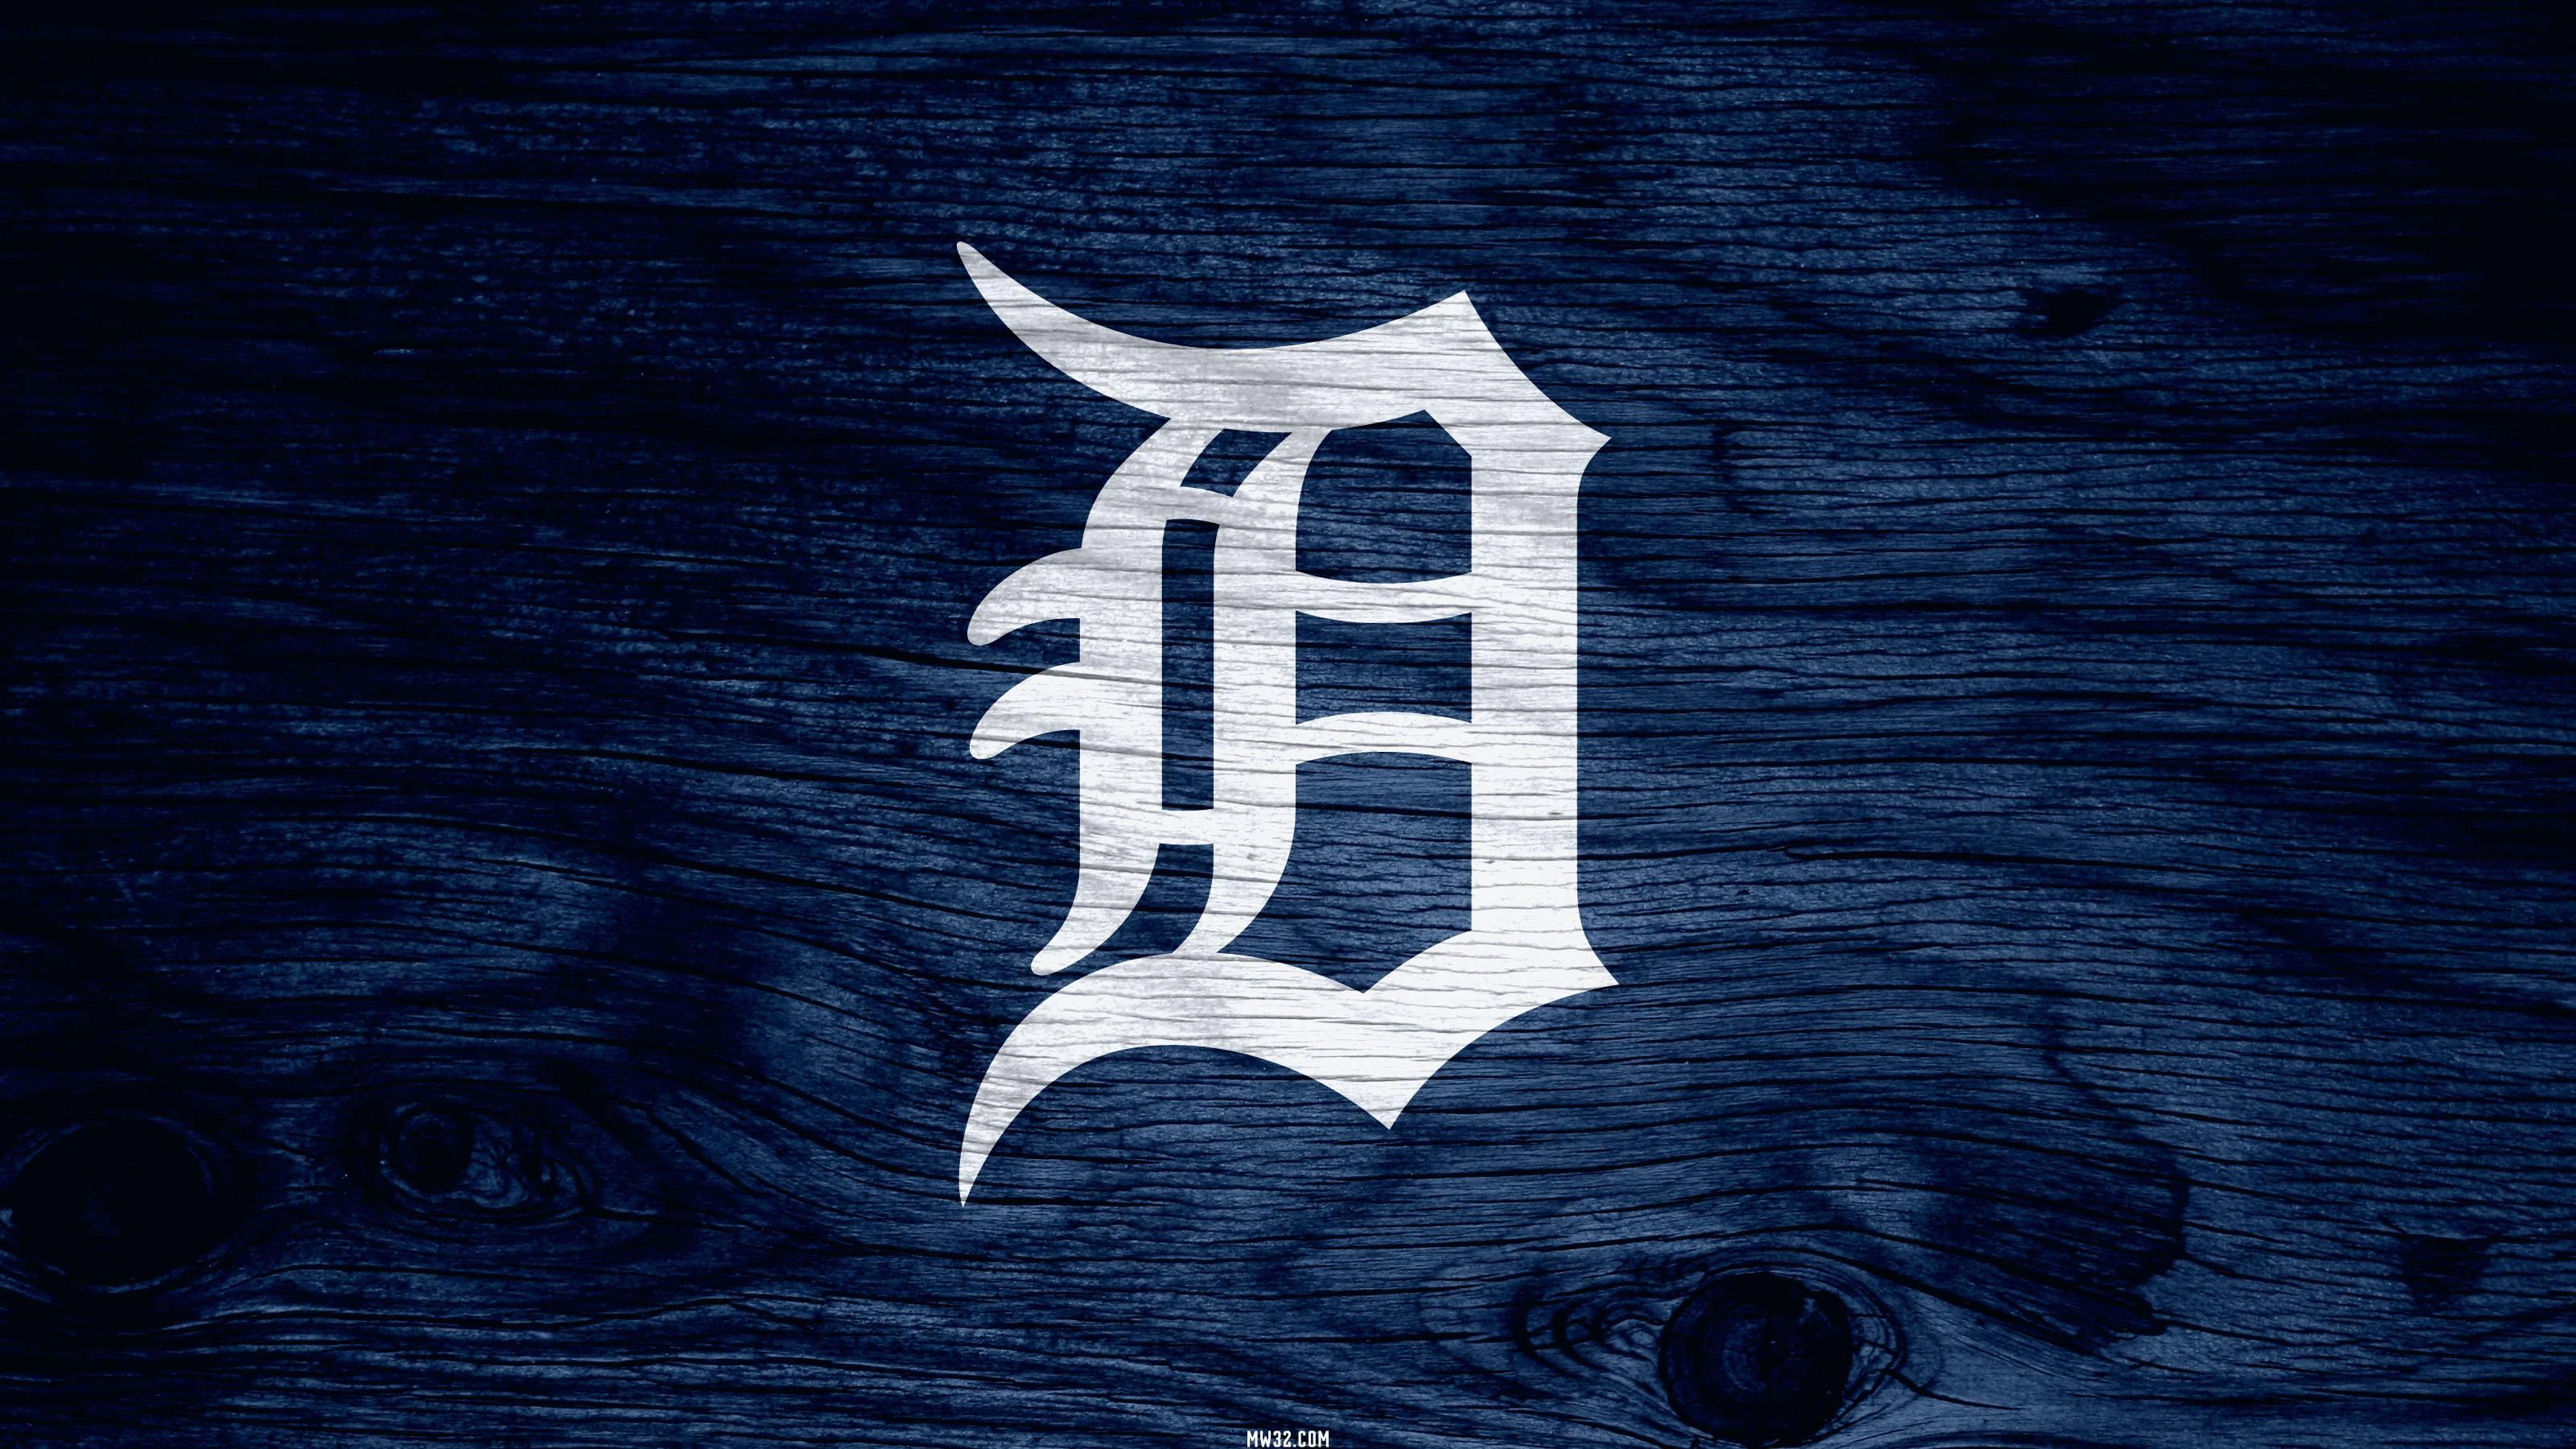 3d Tiger Wallpapers For Desktop Detroit Tigers Full Hd Fondo De Pantalla And Fondo De